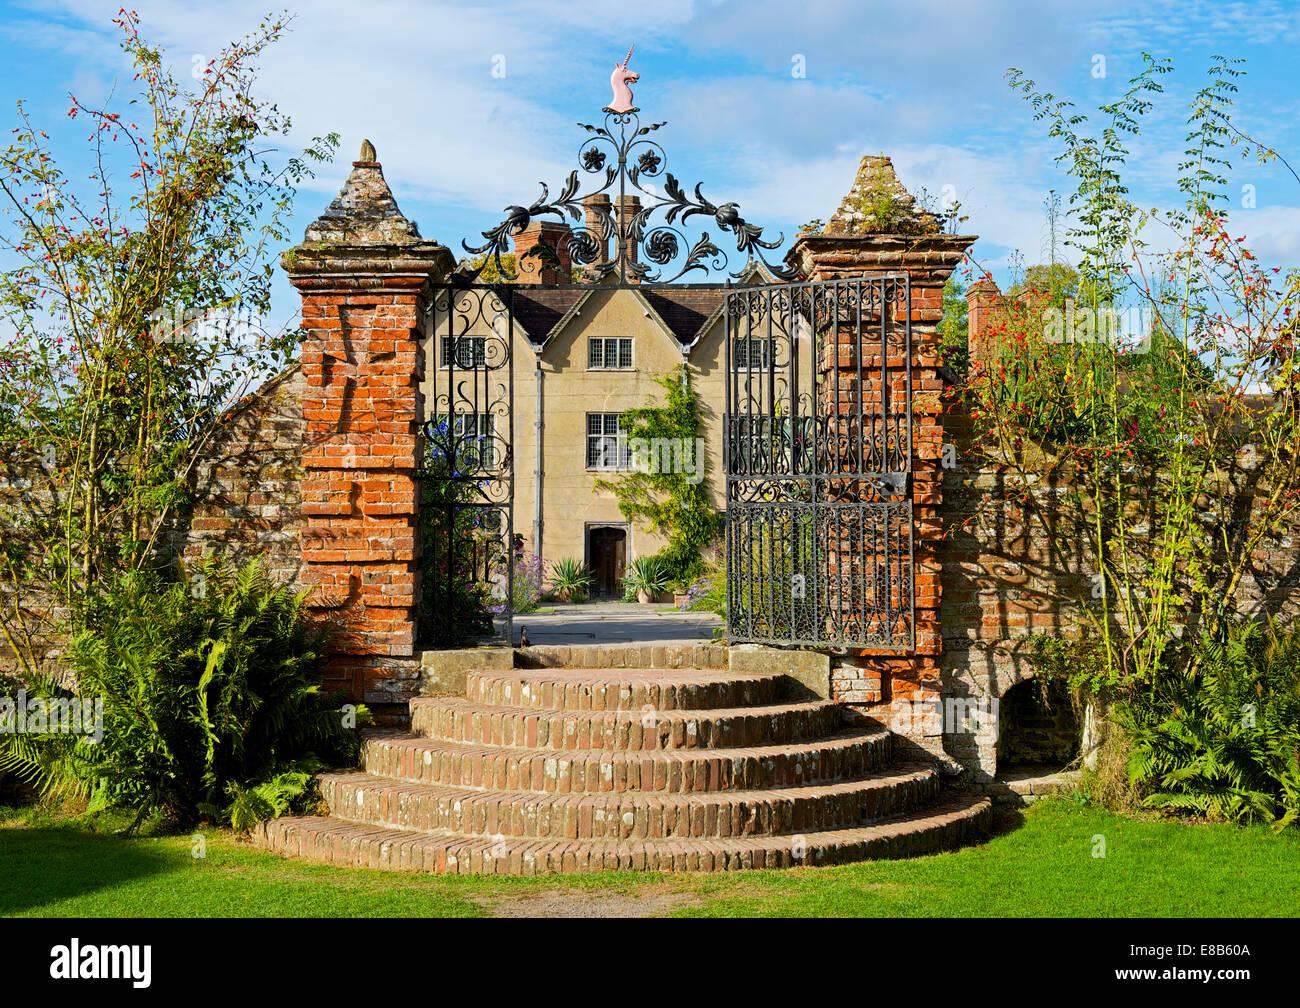 Packwood House, Warwickshire, England UK - Stock Image